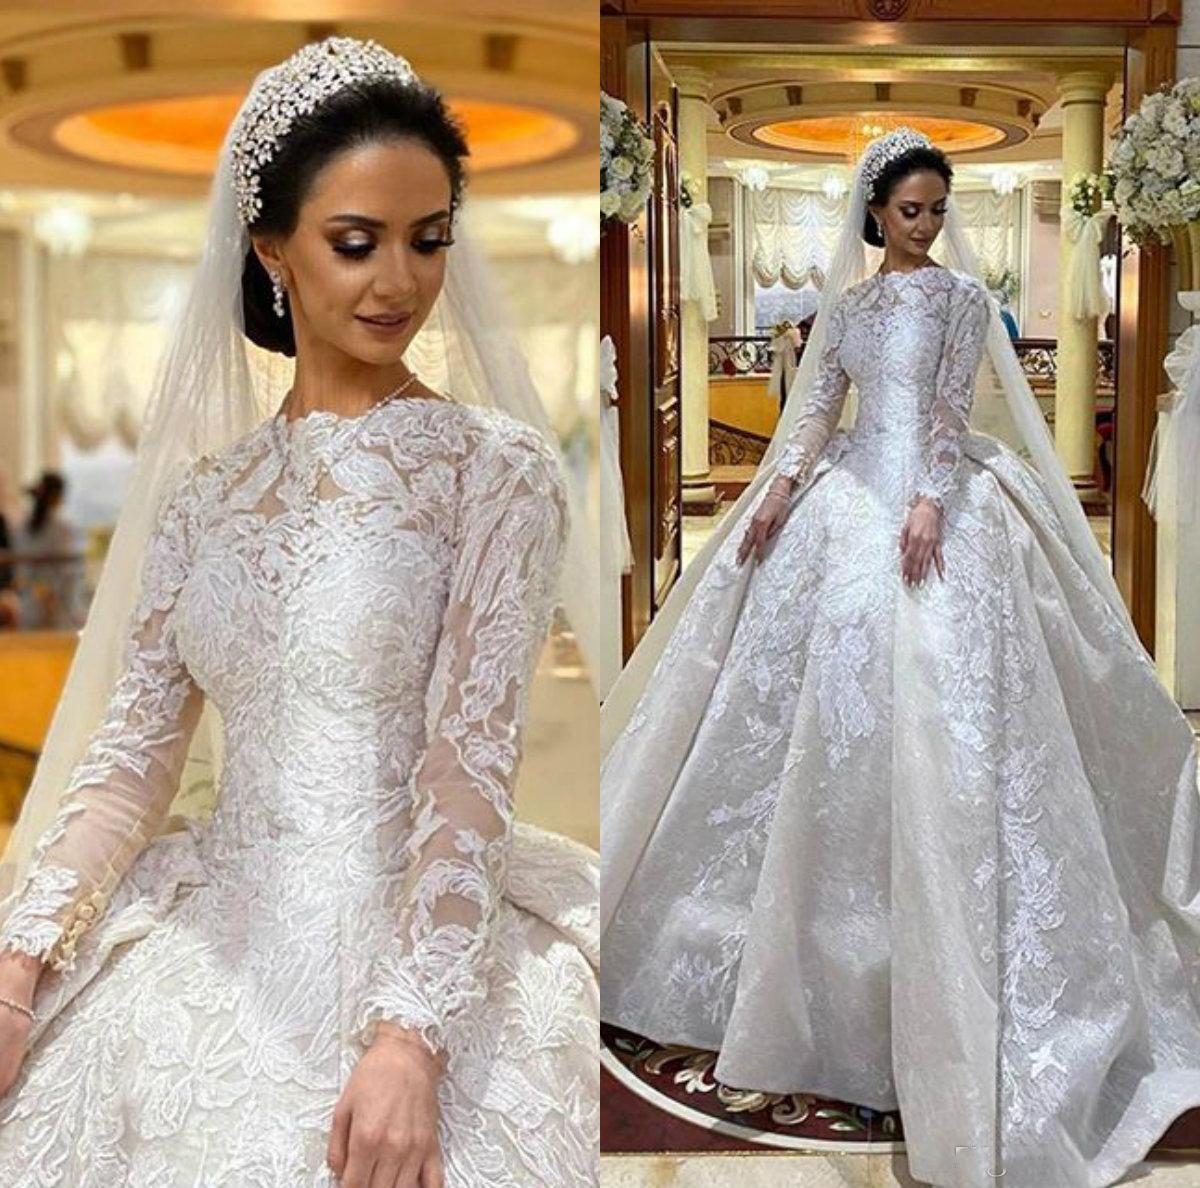 Promotion Manches De Robe De Mariage Arabe Vente Manches De Robe De Mariage Arabe 2021 Sur Fr Dhgate Com